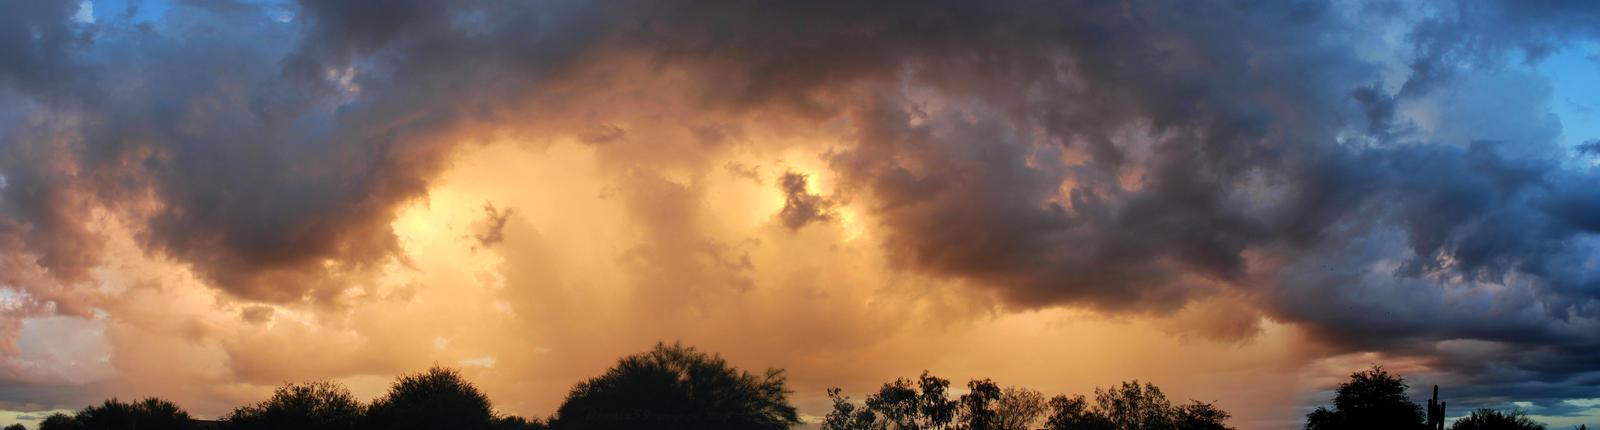 Six AM Weather panorama by Phenix59